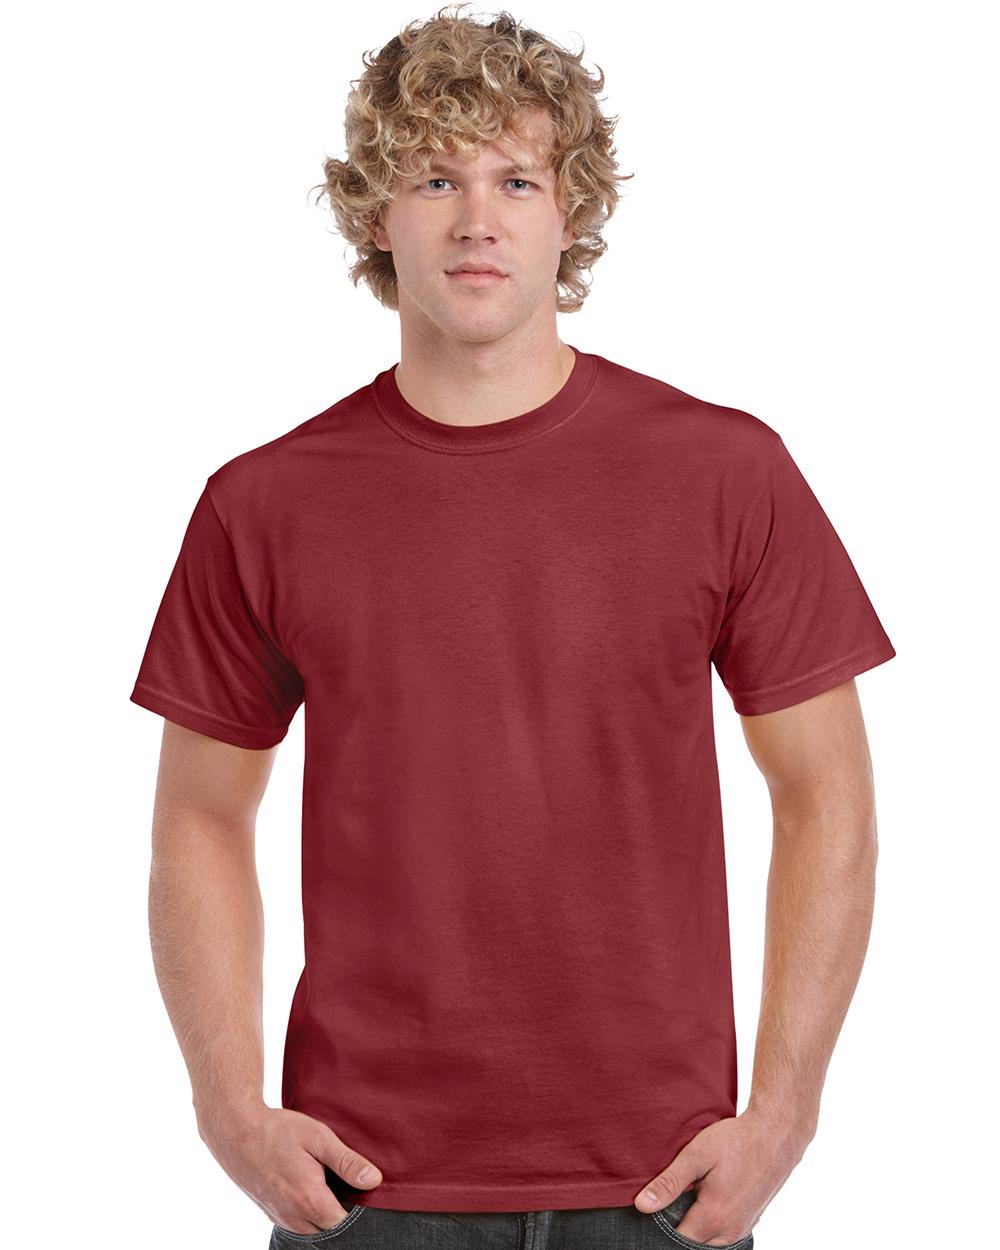 Gildan   5000     Heavy Cotton  ™    Classic Fit Adult T-Shirt    5.3 oz 100% Cotton